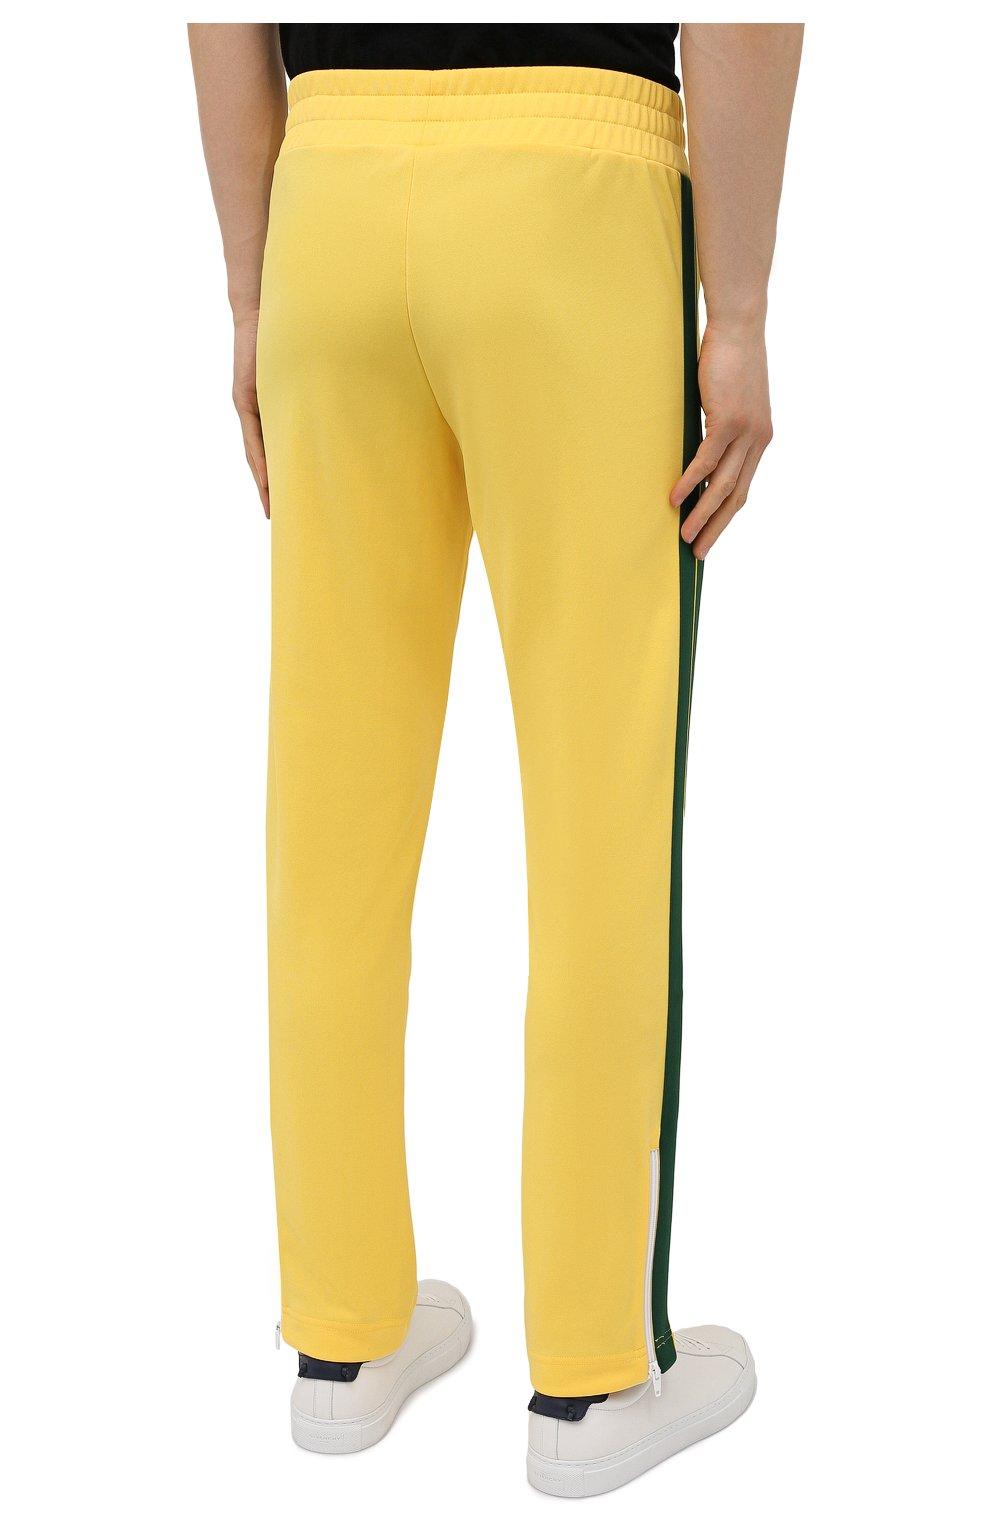 Мужские брюки PALM ANGELS желтого цвета, арт. PMCA007S21FAB0031855   Фото 4 (Мужское Кросс-КТ: Брюки-трикотаж; Длина (брюки, джинсы): Стандартные; Случай: Повседневный; Материал внешний: Синтетический материал; Стили: Спорт-шик)